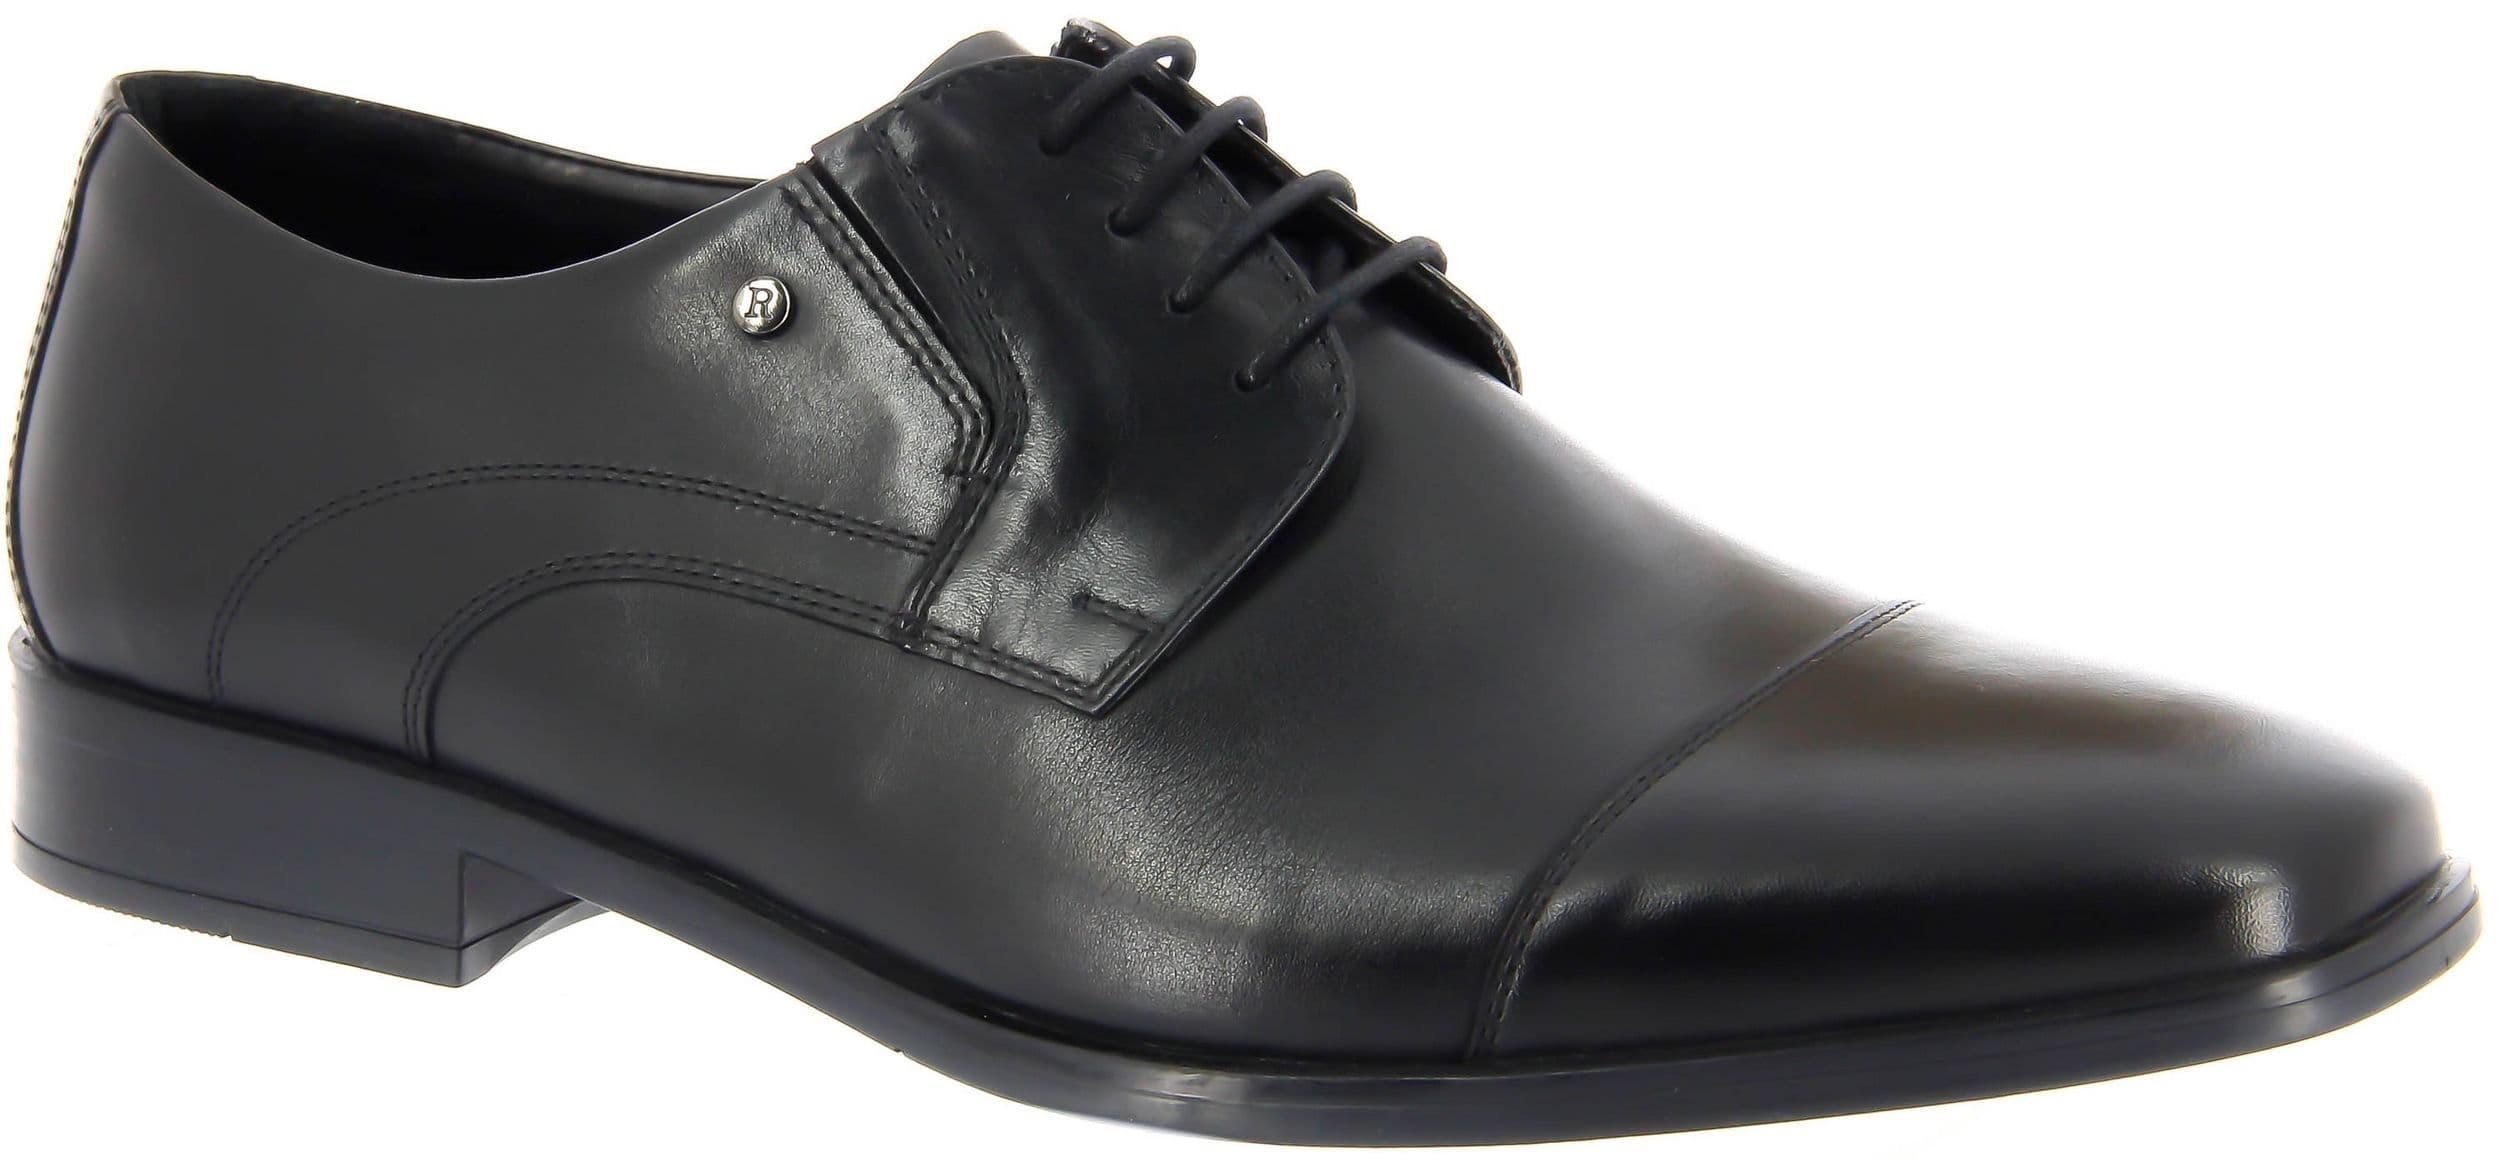 Ralf Ringer Business 589103ЧН Осень-Зима 2017-18Туфли<br>Демисезонные лоферы SAIMON линии Business — обувь, способная занять почетное место в гардеробе делового мужчины. Характерная особенность модели ...<br><br>Цвет: Черный<br>Размер RU: 46<br>Пол: Мужской<br>Возраст: Взрослый<br>Сезон: Деми<br>Материал верха: Натуральная кожа<br>Материал подкладки: Натуральная кожа<br>Материал подошвы: ТЭП